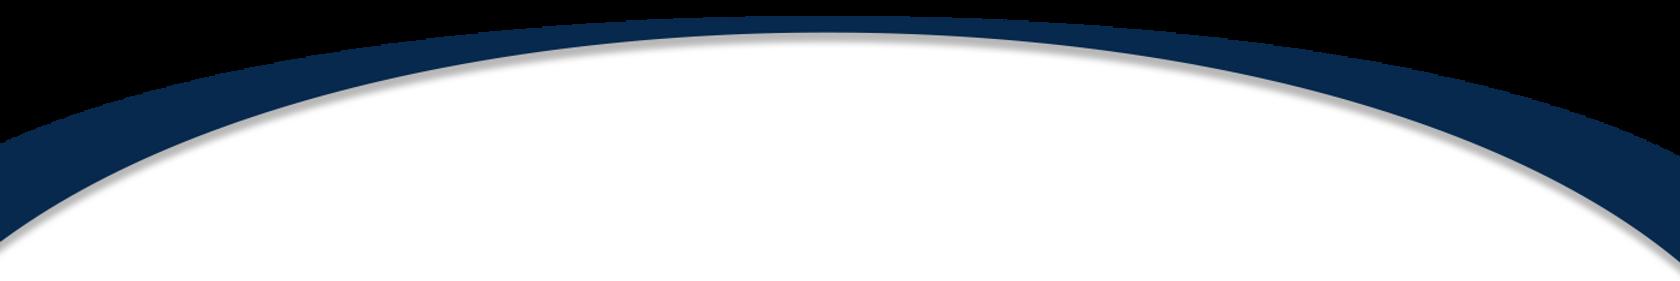 에메랄드렌즈-드림렌즈-문의사항2.png